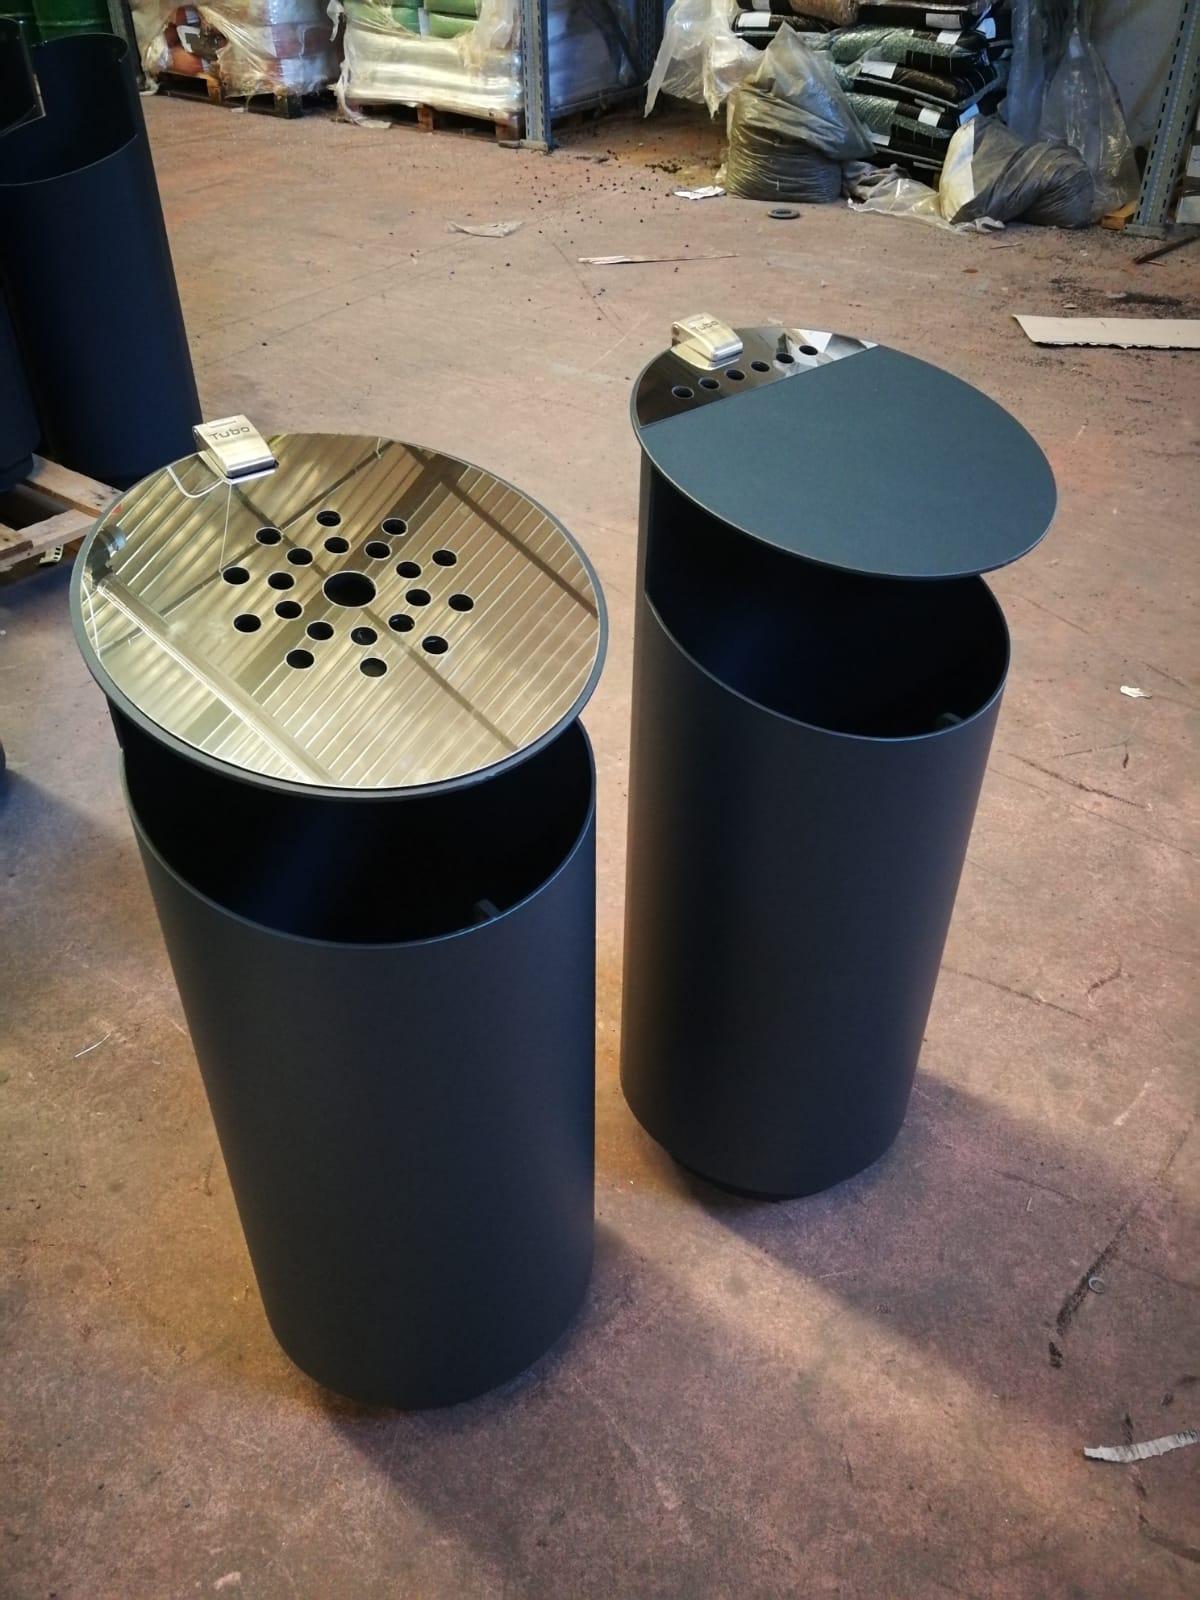 Tubo afvalbak voor in het winkelcentrum of openbare gelegenheden